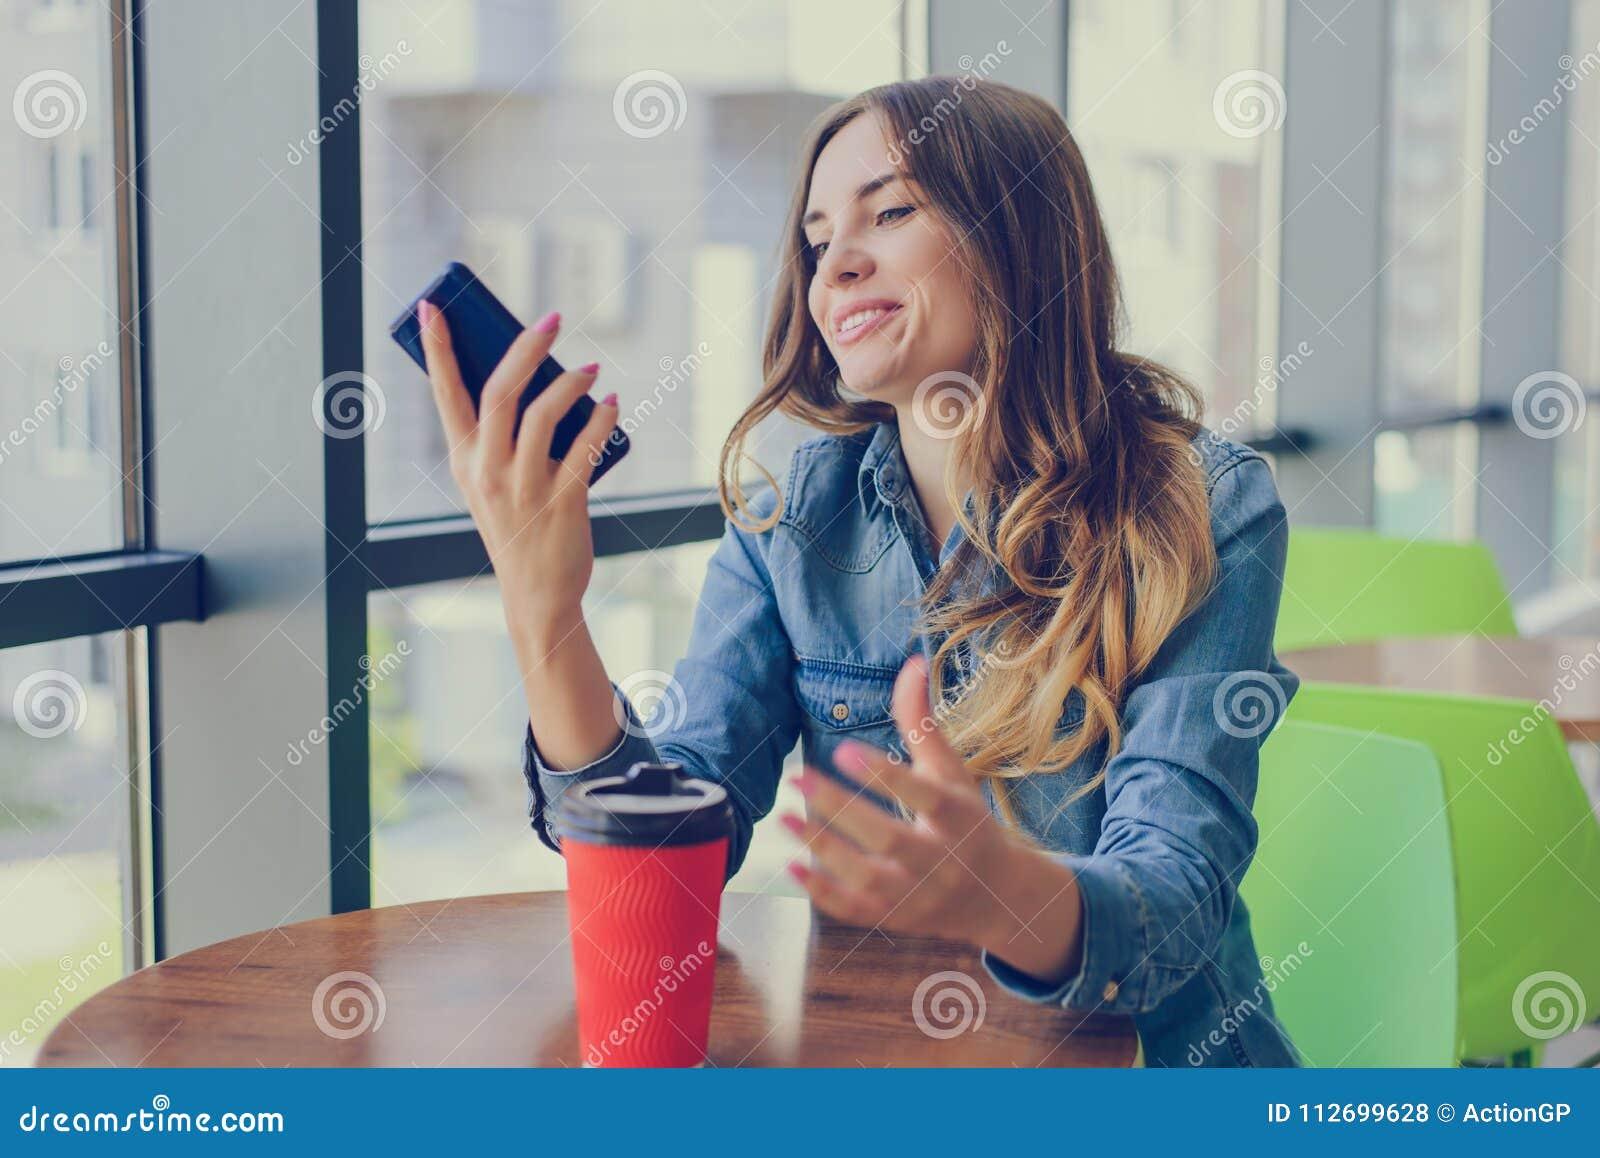 Die aufgeregte lächelnde glückliche Frau, die einen Rest in einem Café hat, betrachtet sie Schirm ihrer notific Smartphonetelefon